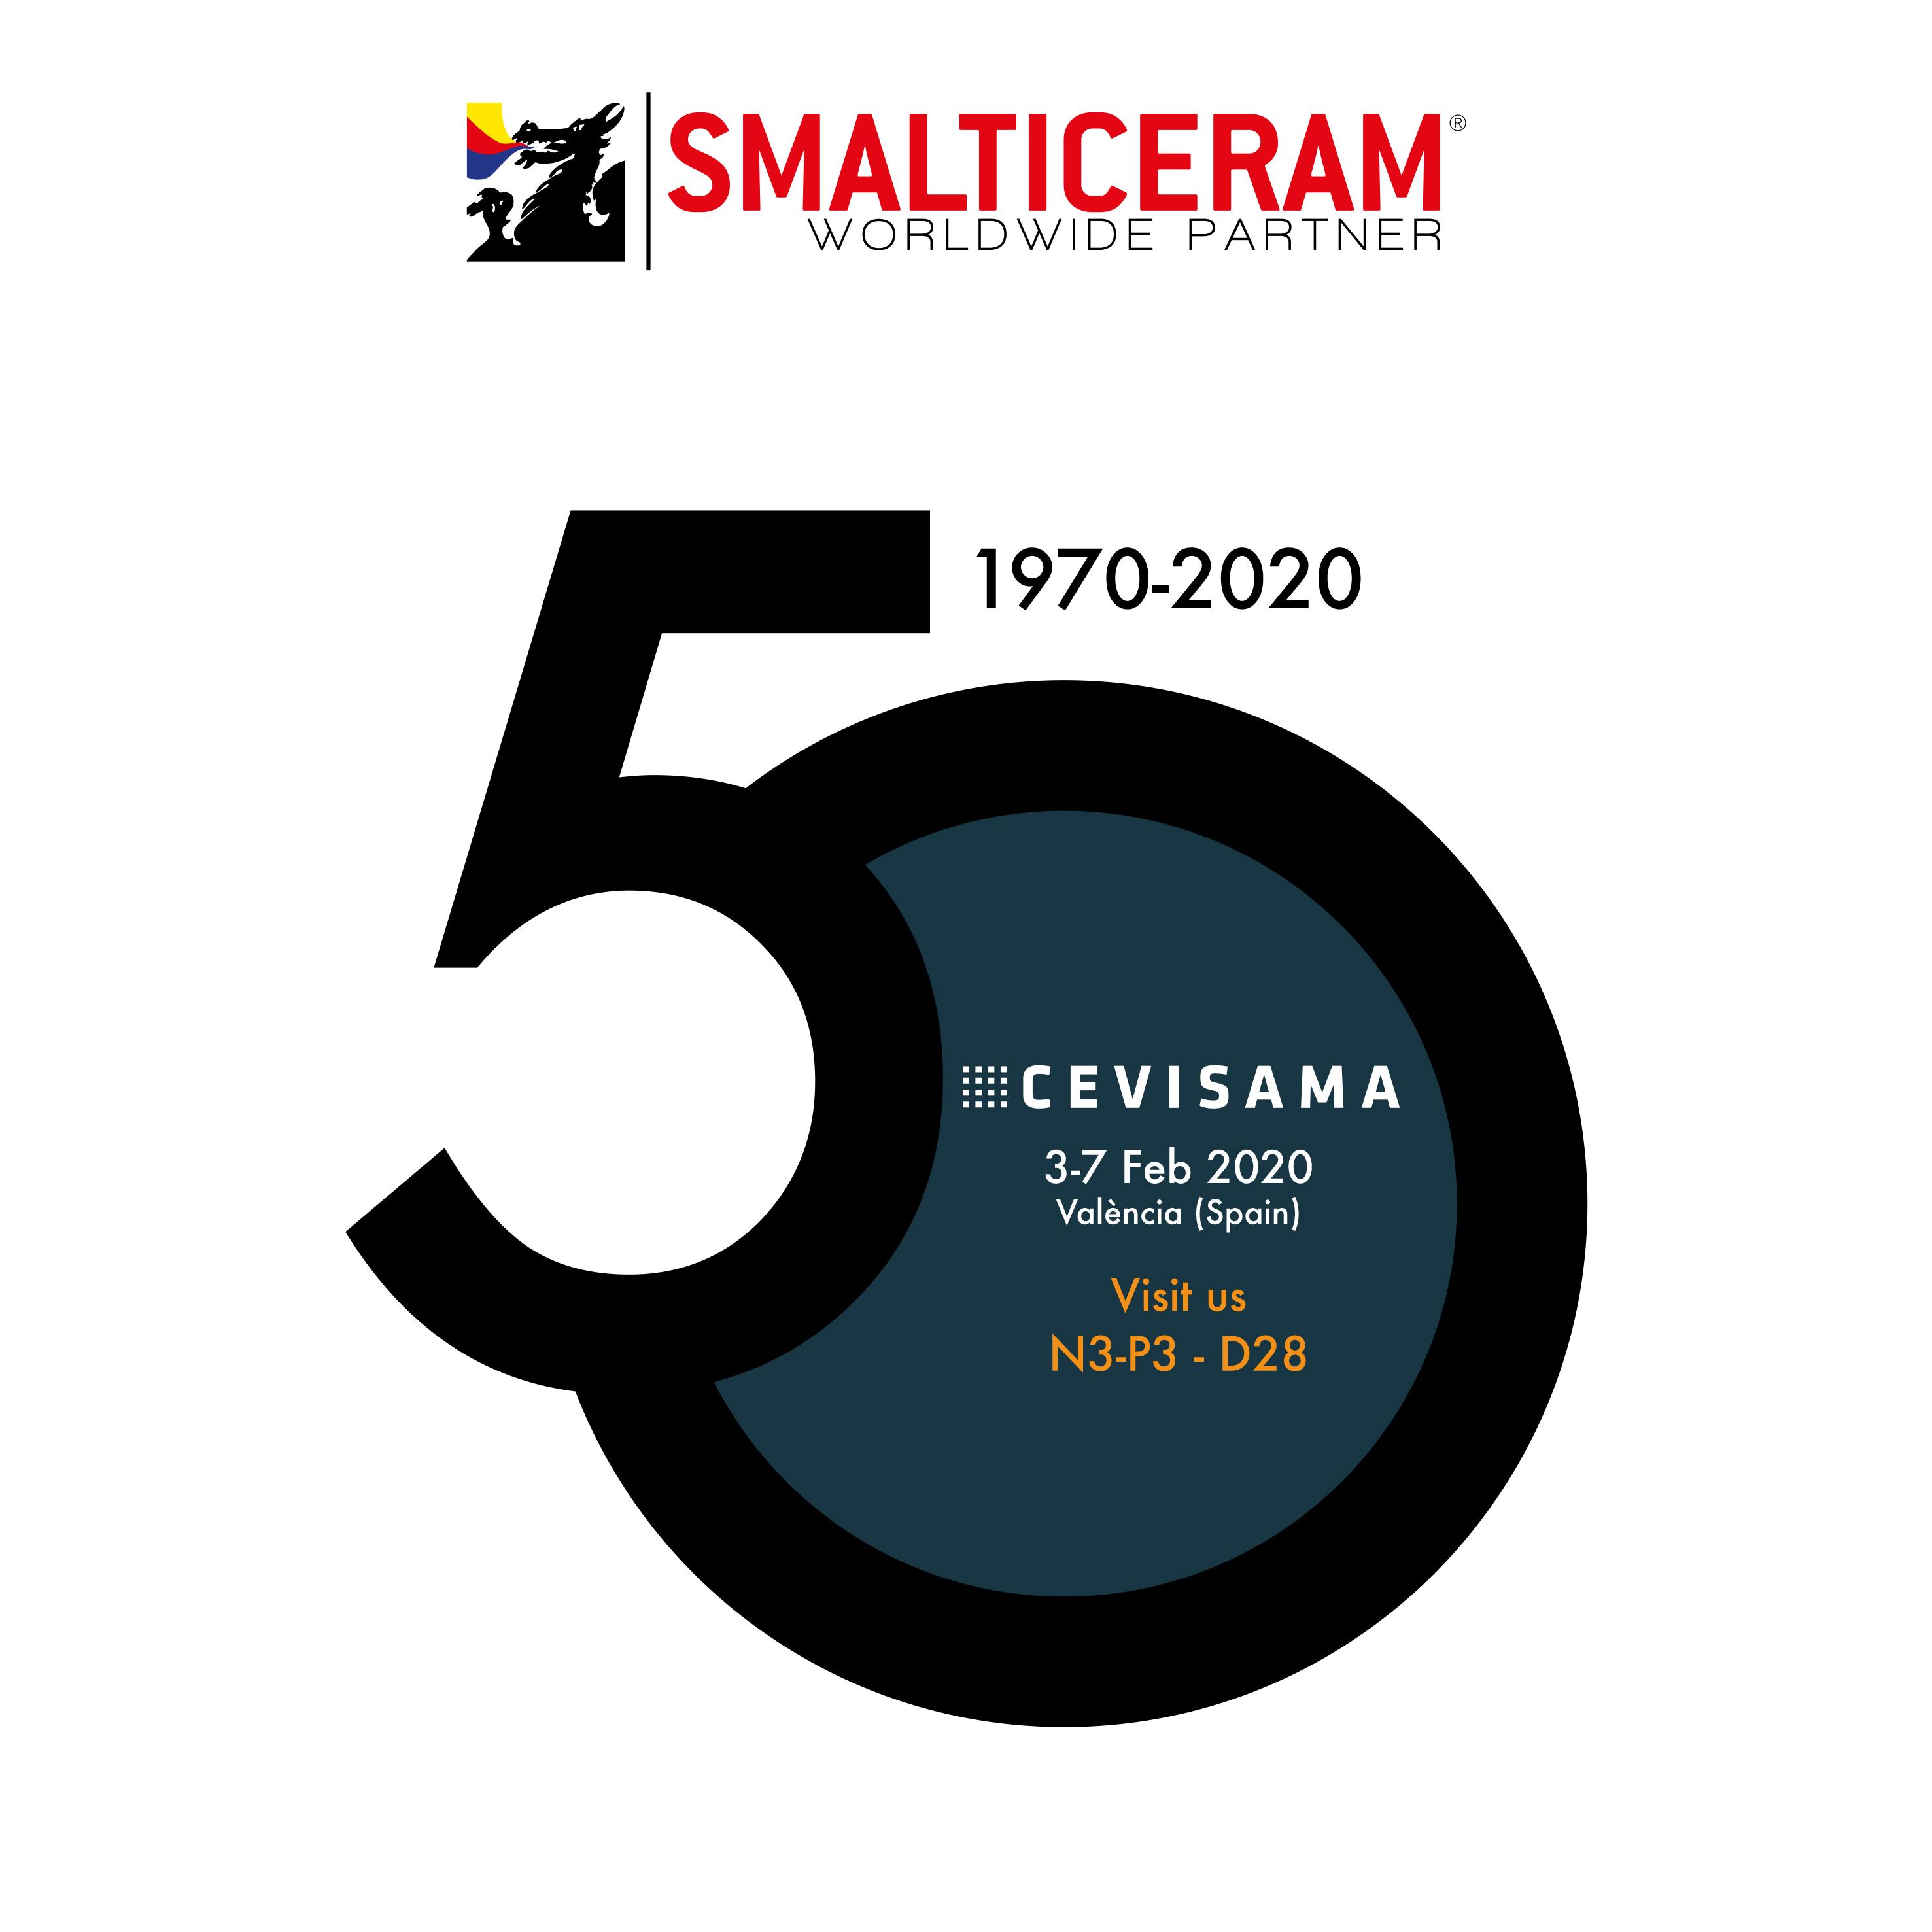 Smalticeram celebra su 50 aniversario en Cevisama 2020